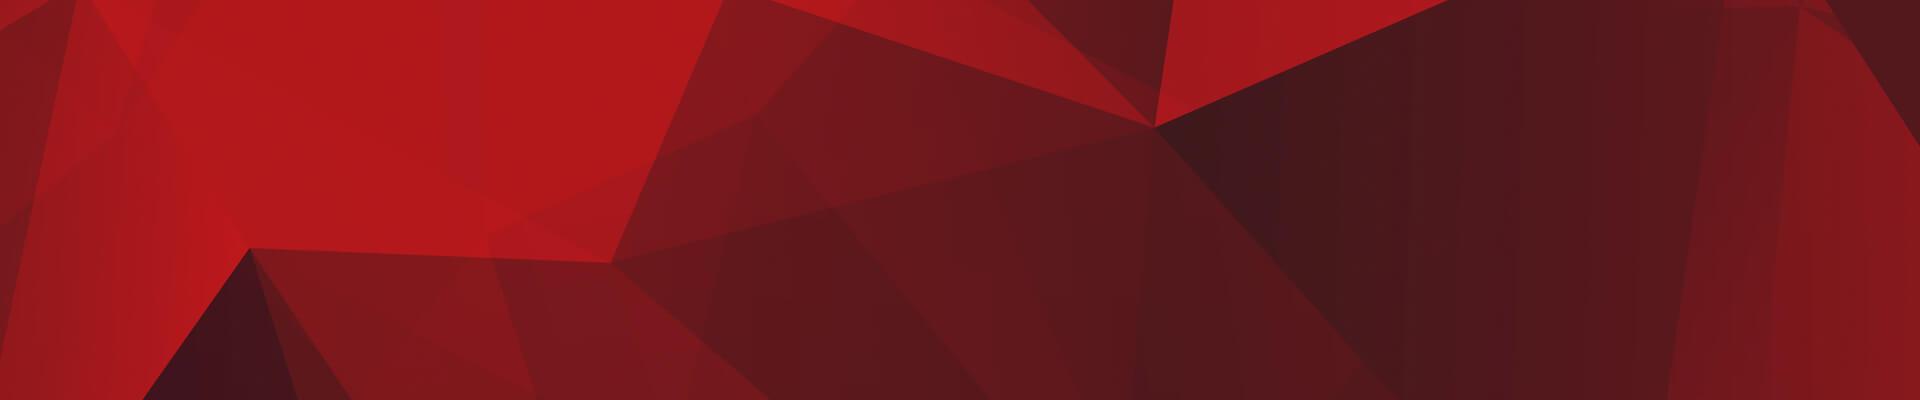 red-background Chi siamo?